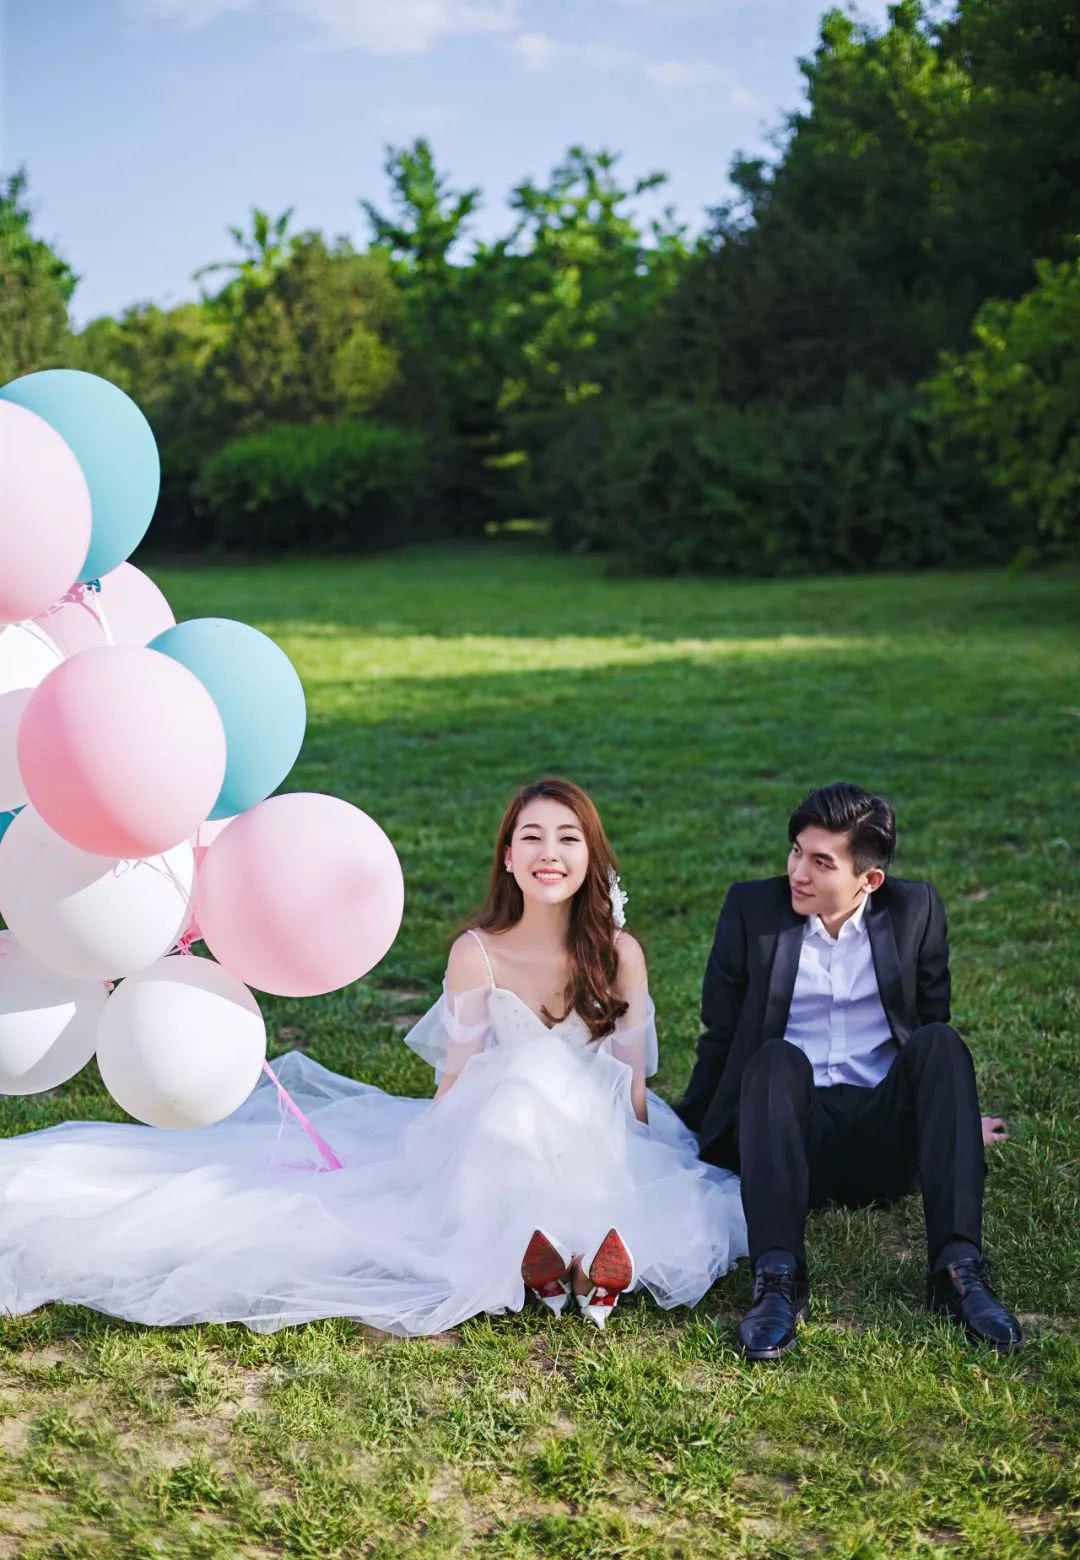 如何让婚纱照拍的更加文艺更加小清新?